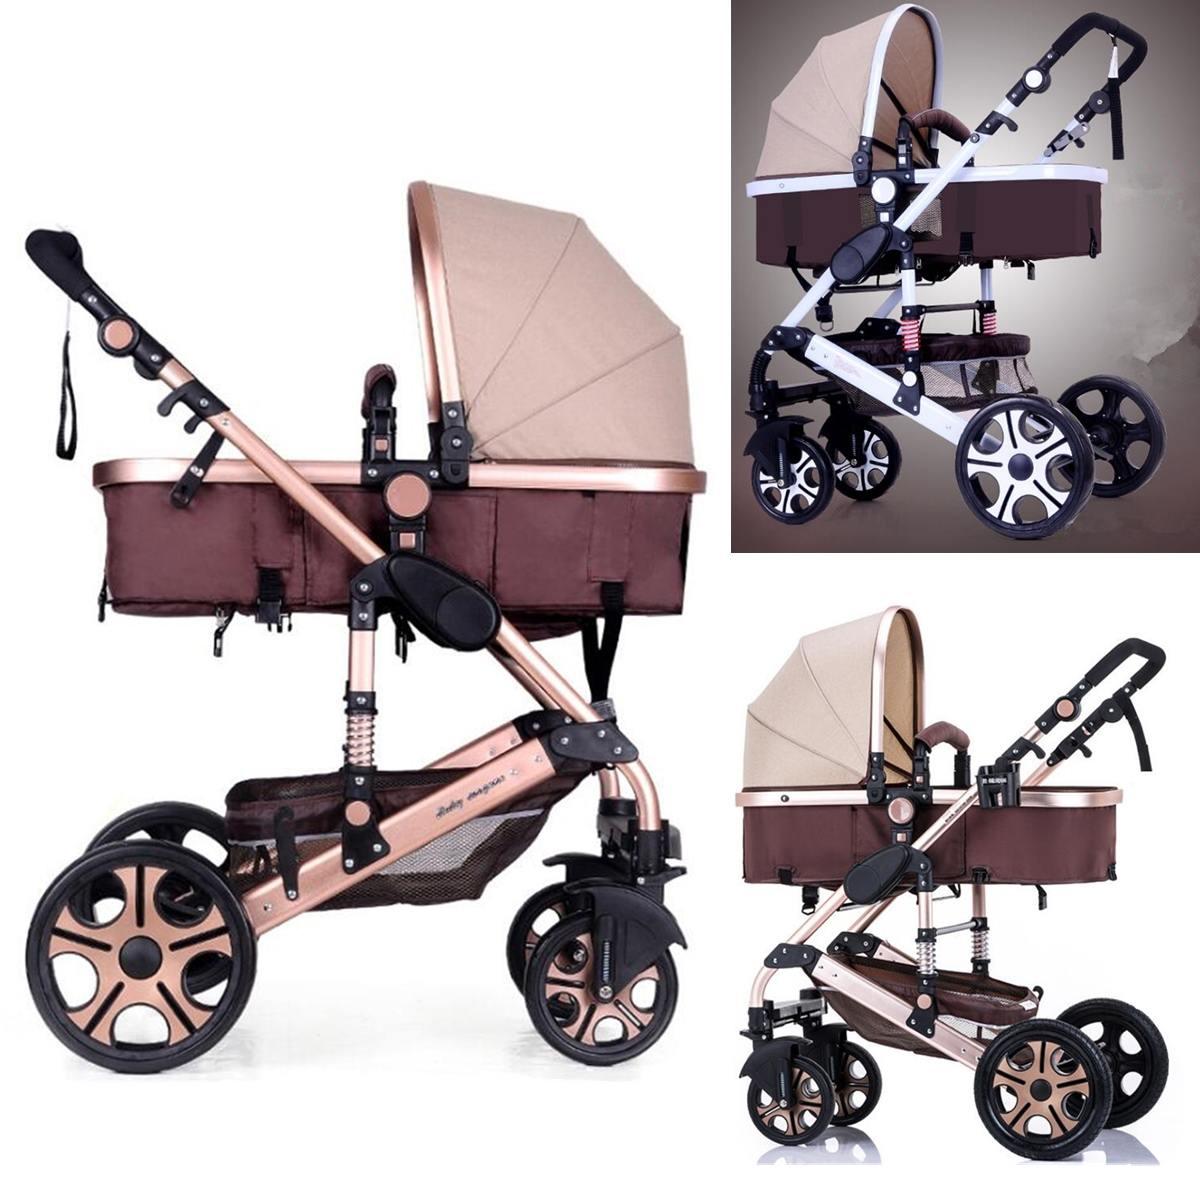 2019 poussette bébé 2 en 1 poussette allongée ou amortissante pliante poids léger deux côtés enfant quatre saisons mode haute-paysage